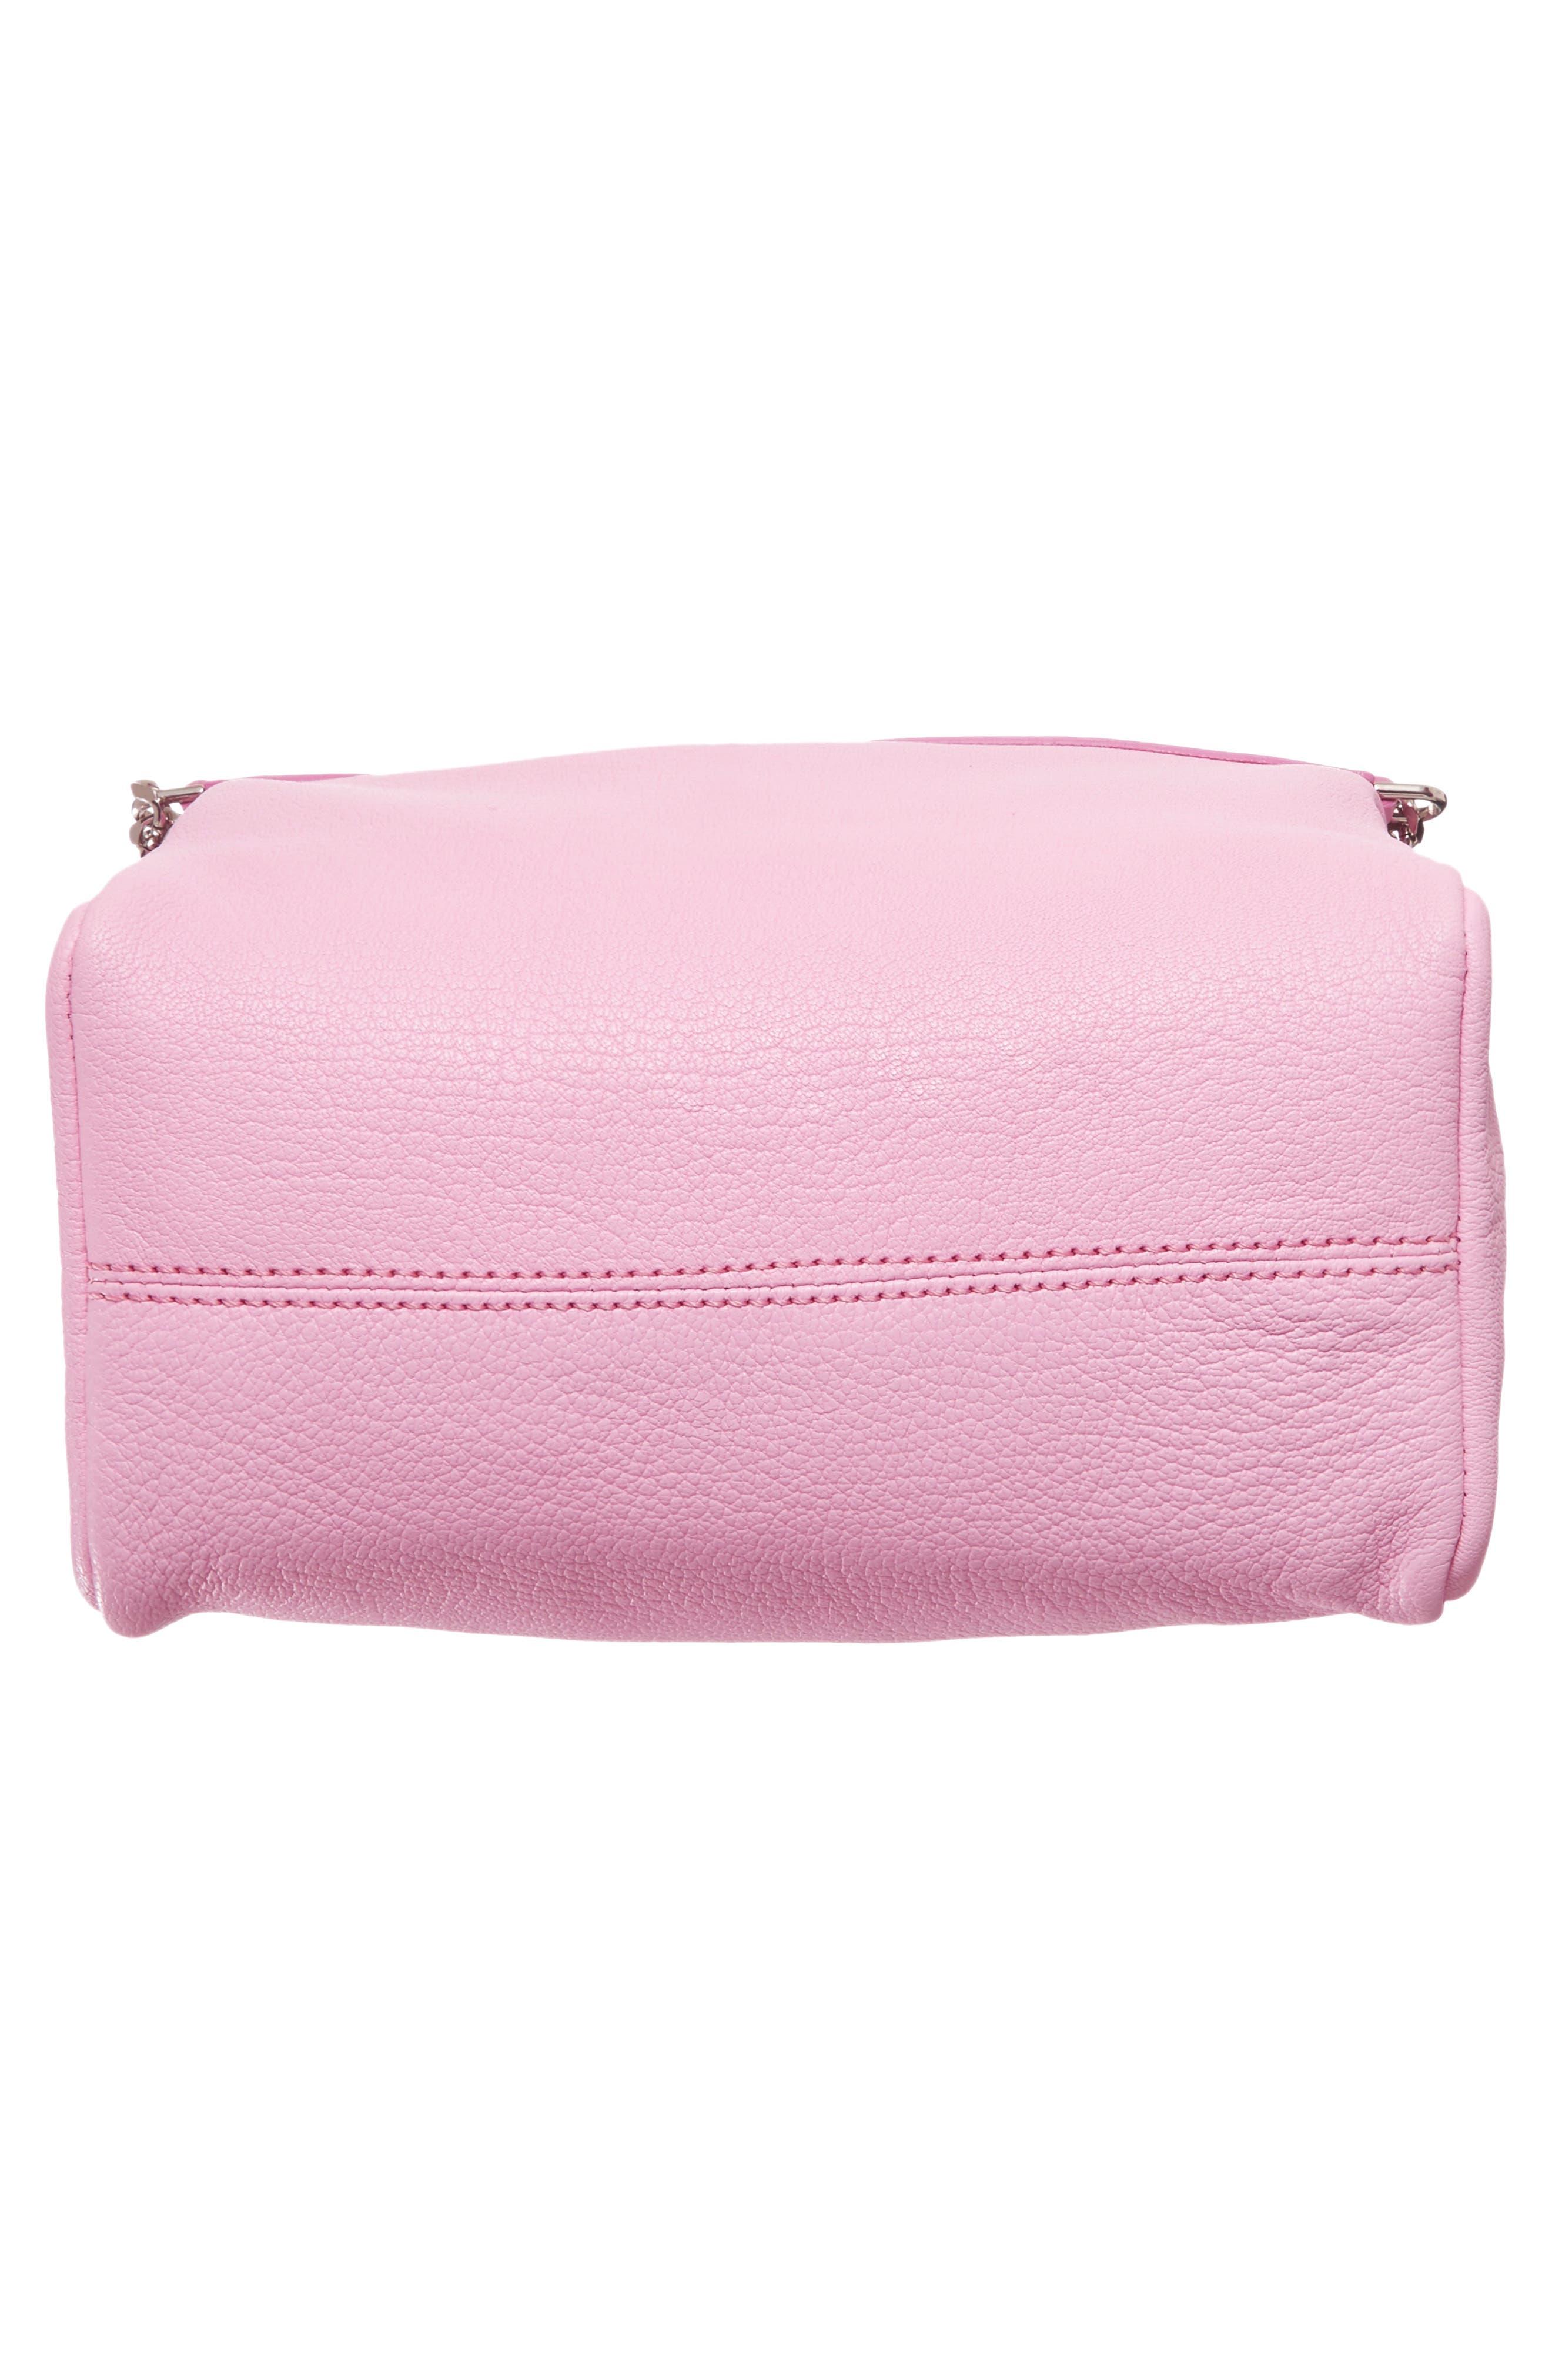 Alternate Image 5  - Givenchy Mini Pandora Sugar Leather Shoulder Bag